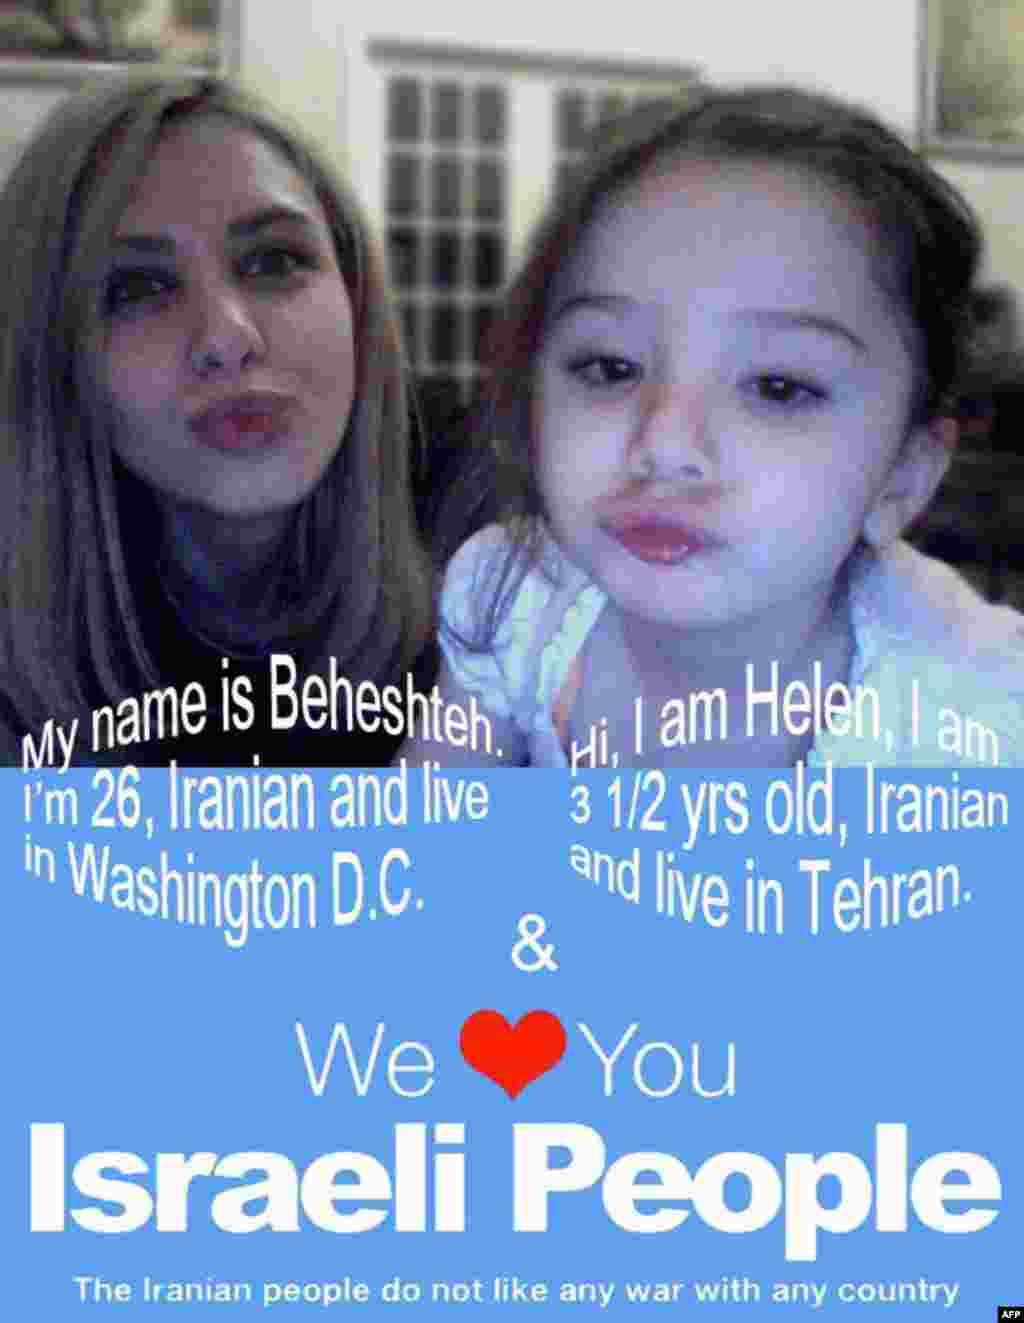 کمپین اسرائیل ایران را دوست دارد